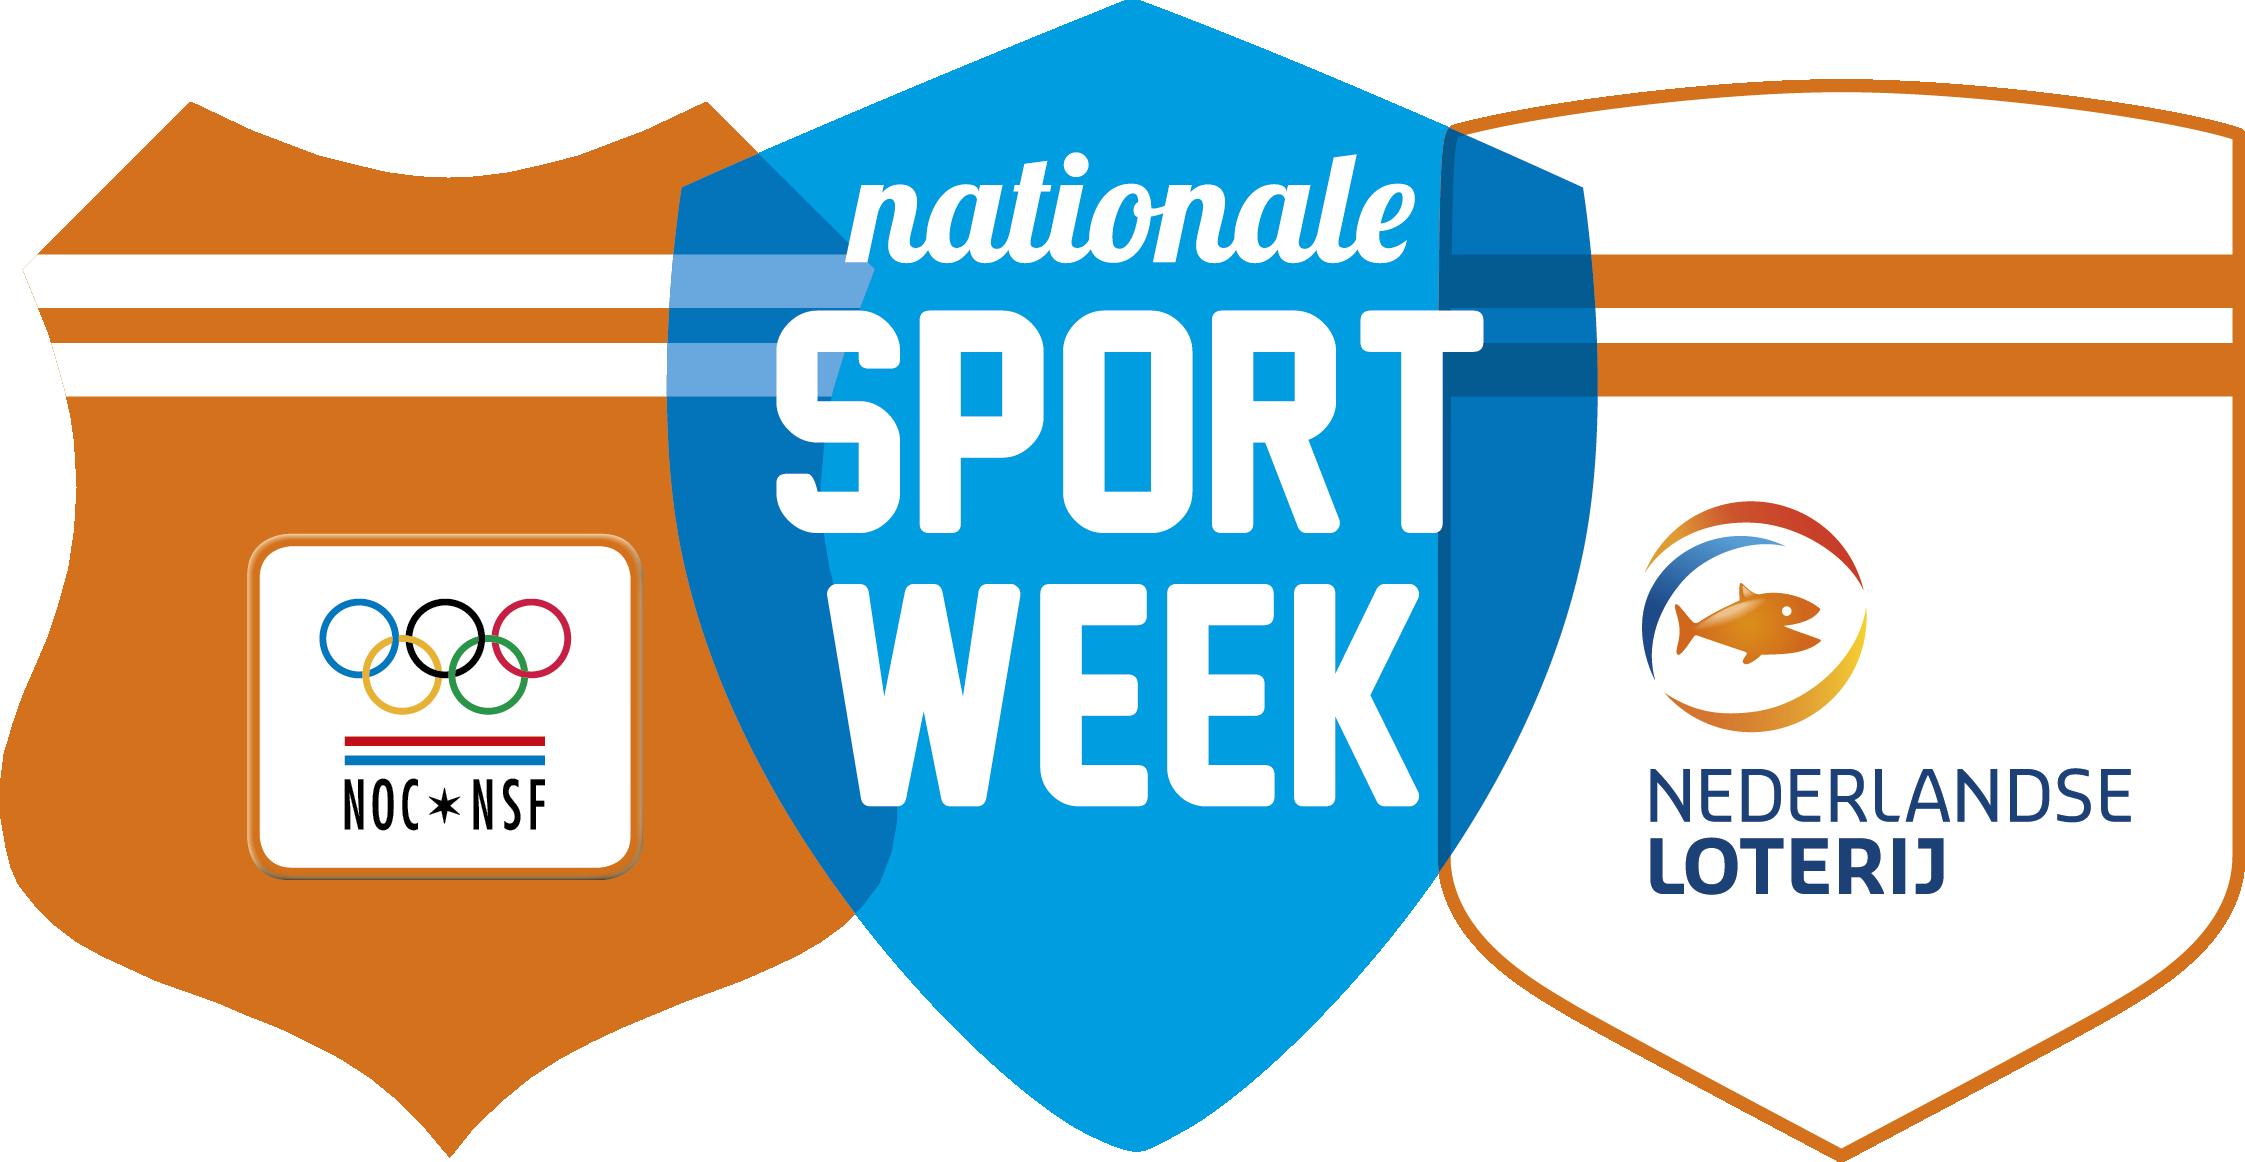 Afbeeldingsresultaat voor logo nationale sportweek